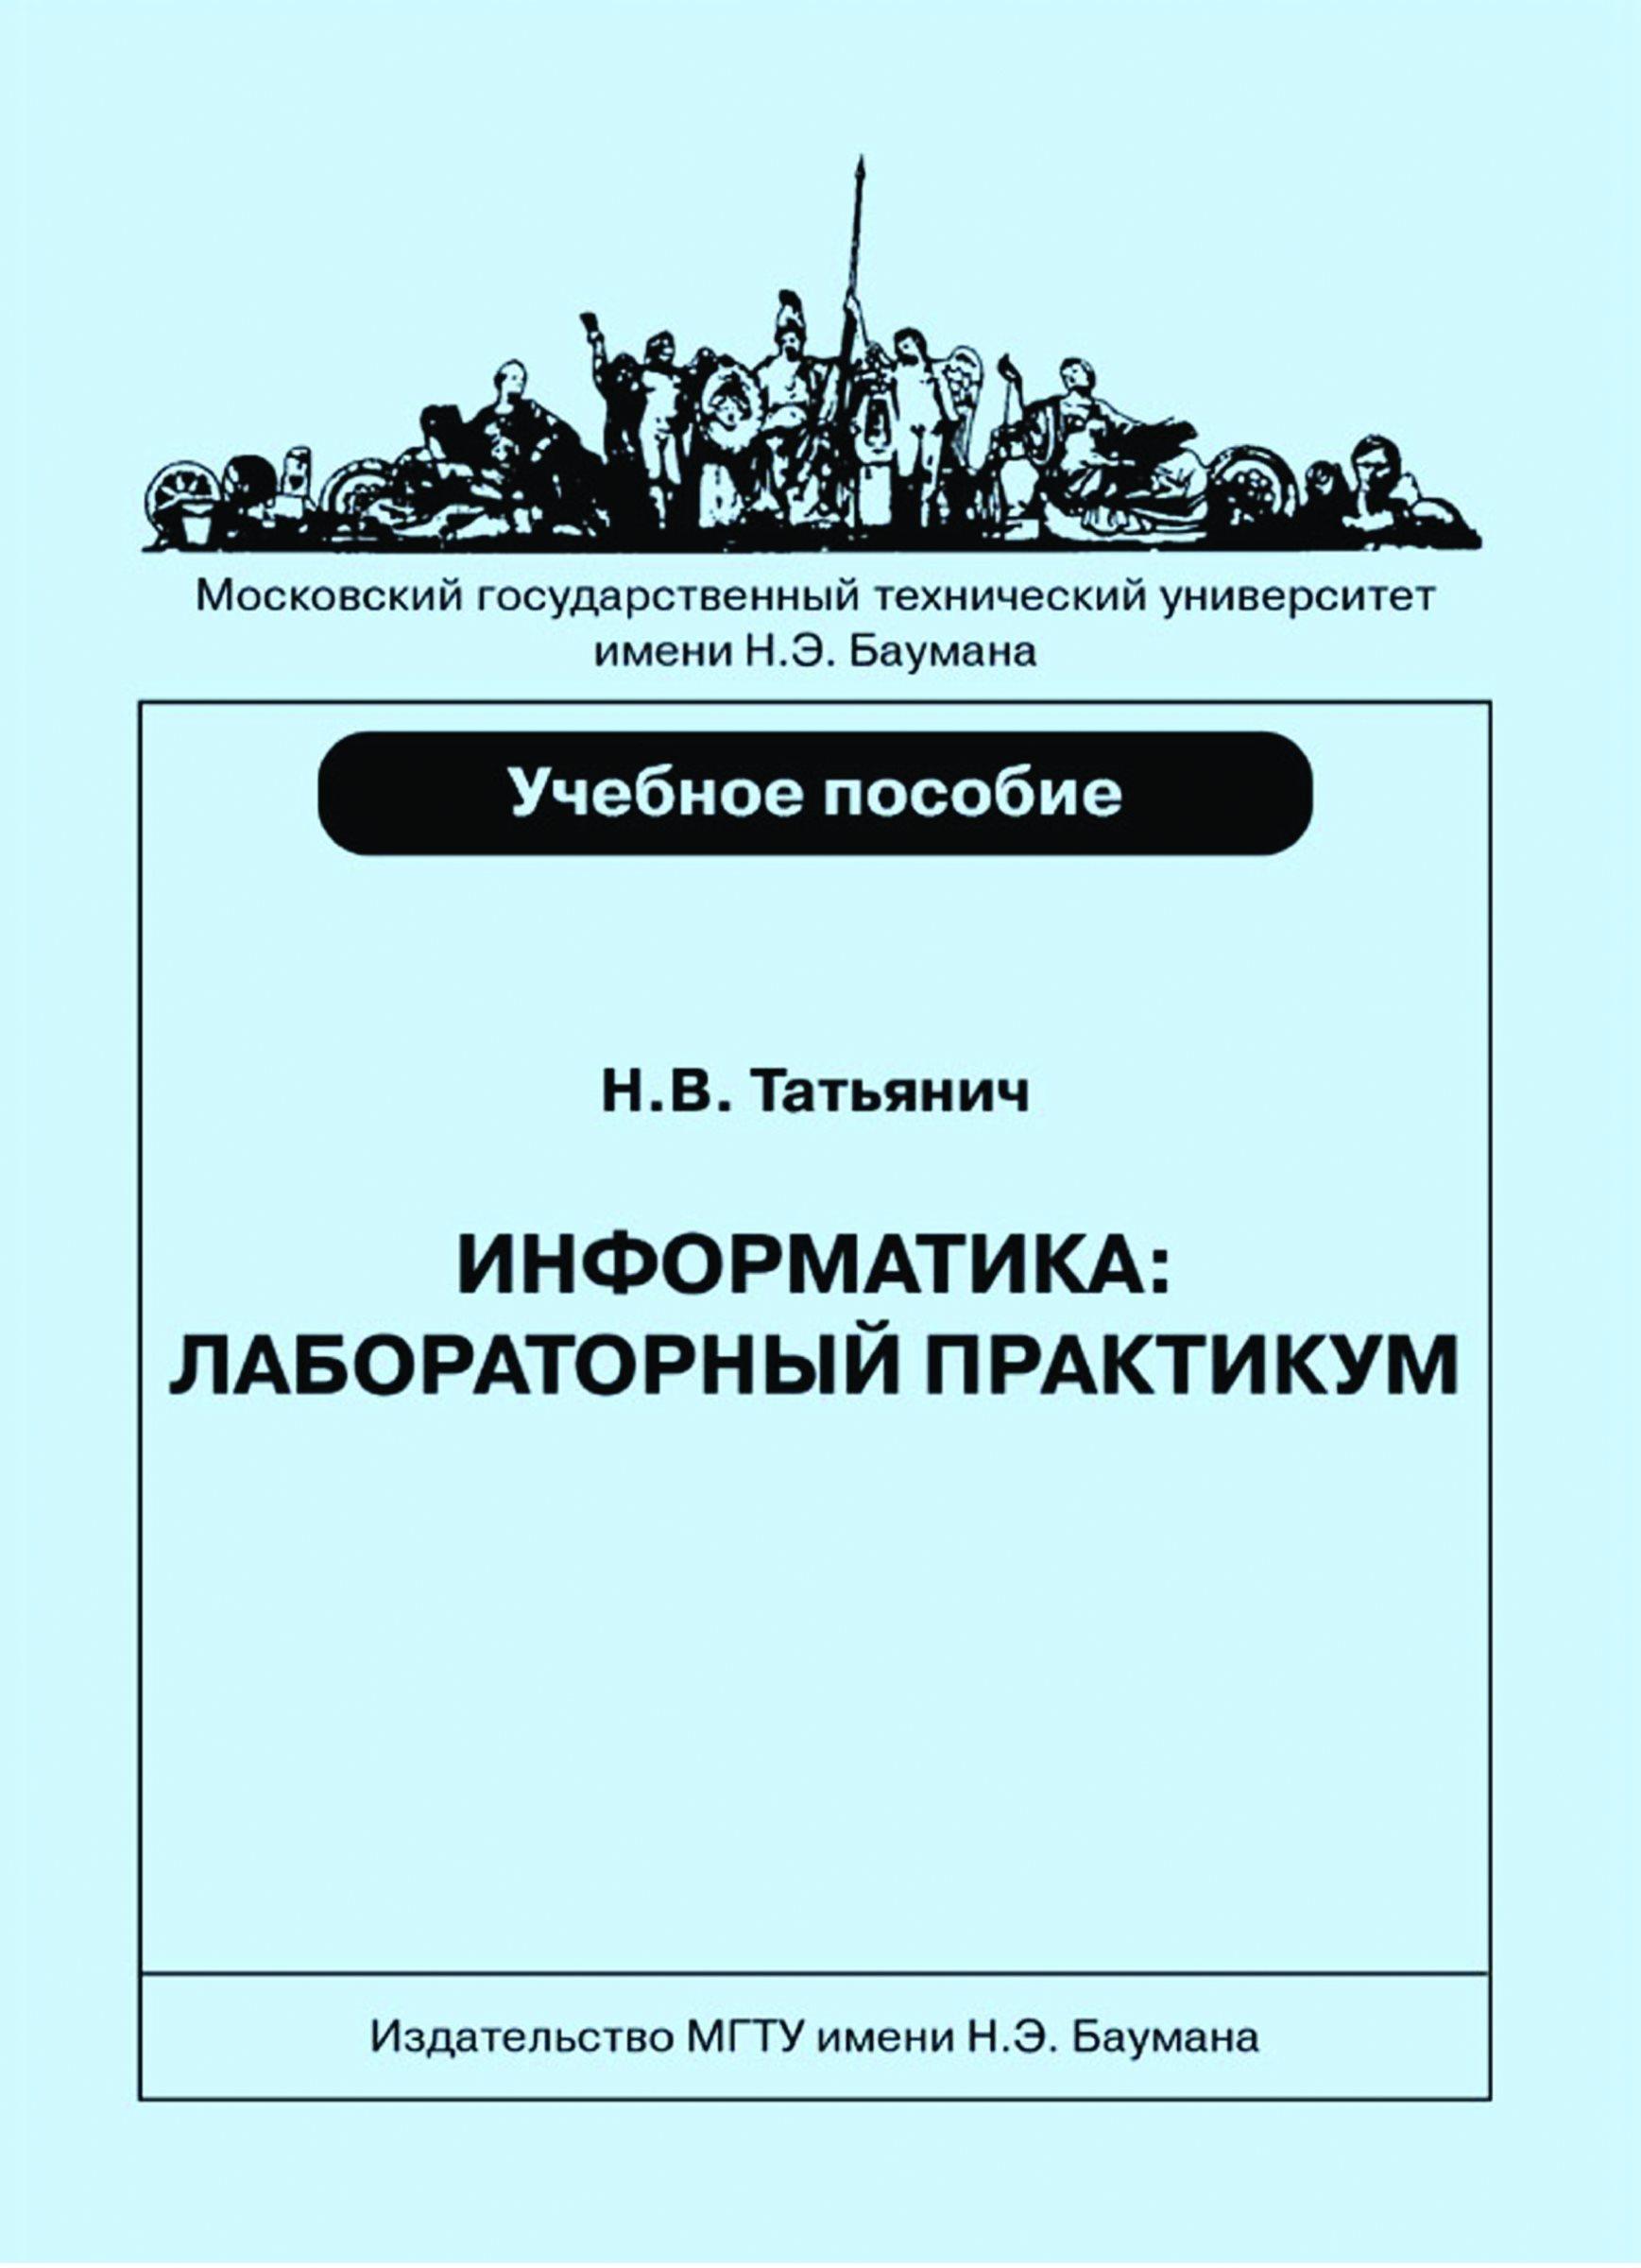 Николай Татьянич Информатика. Лабораторный практикум